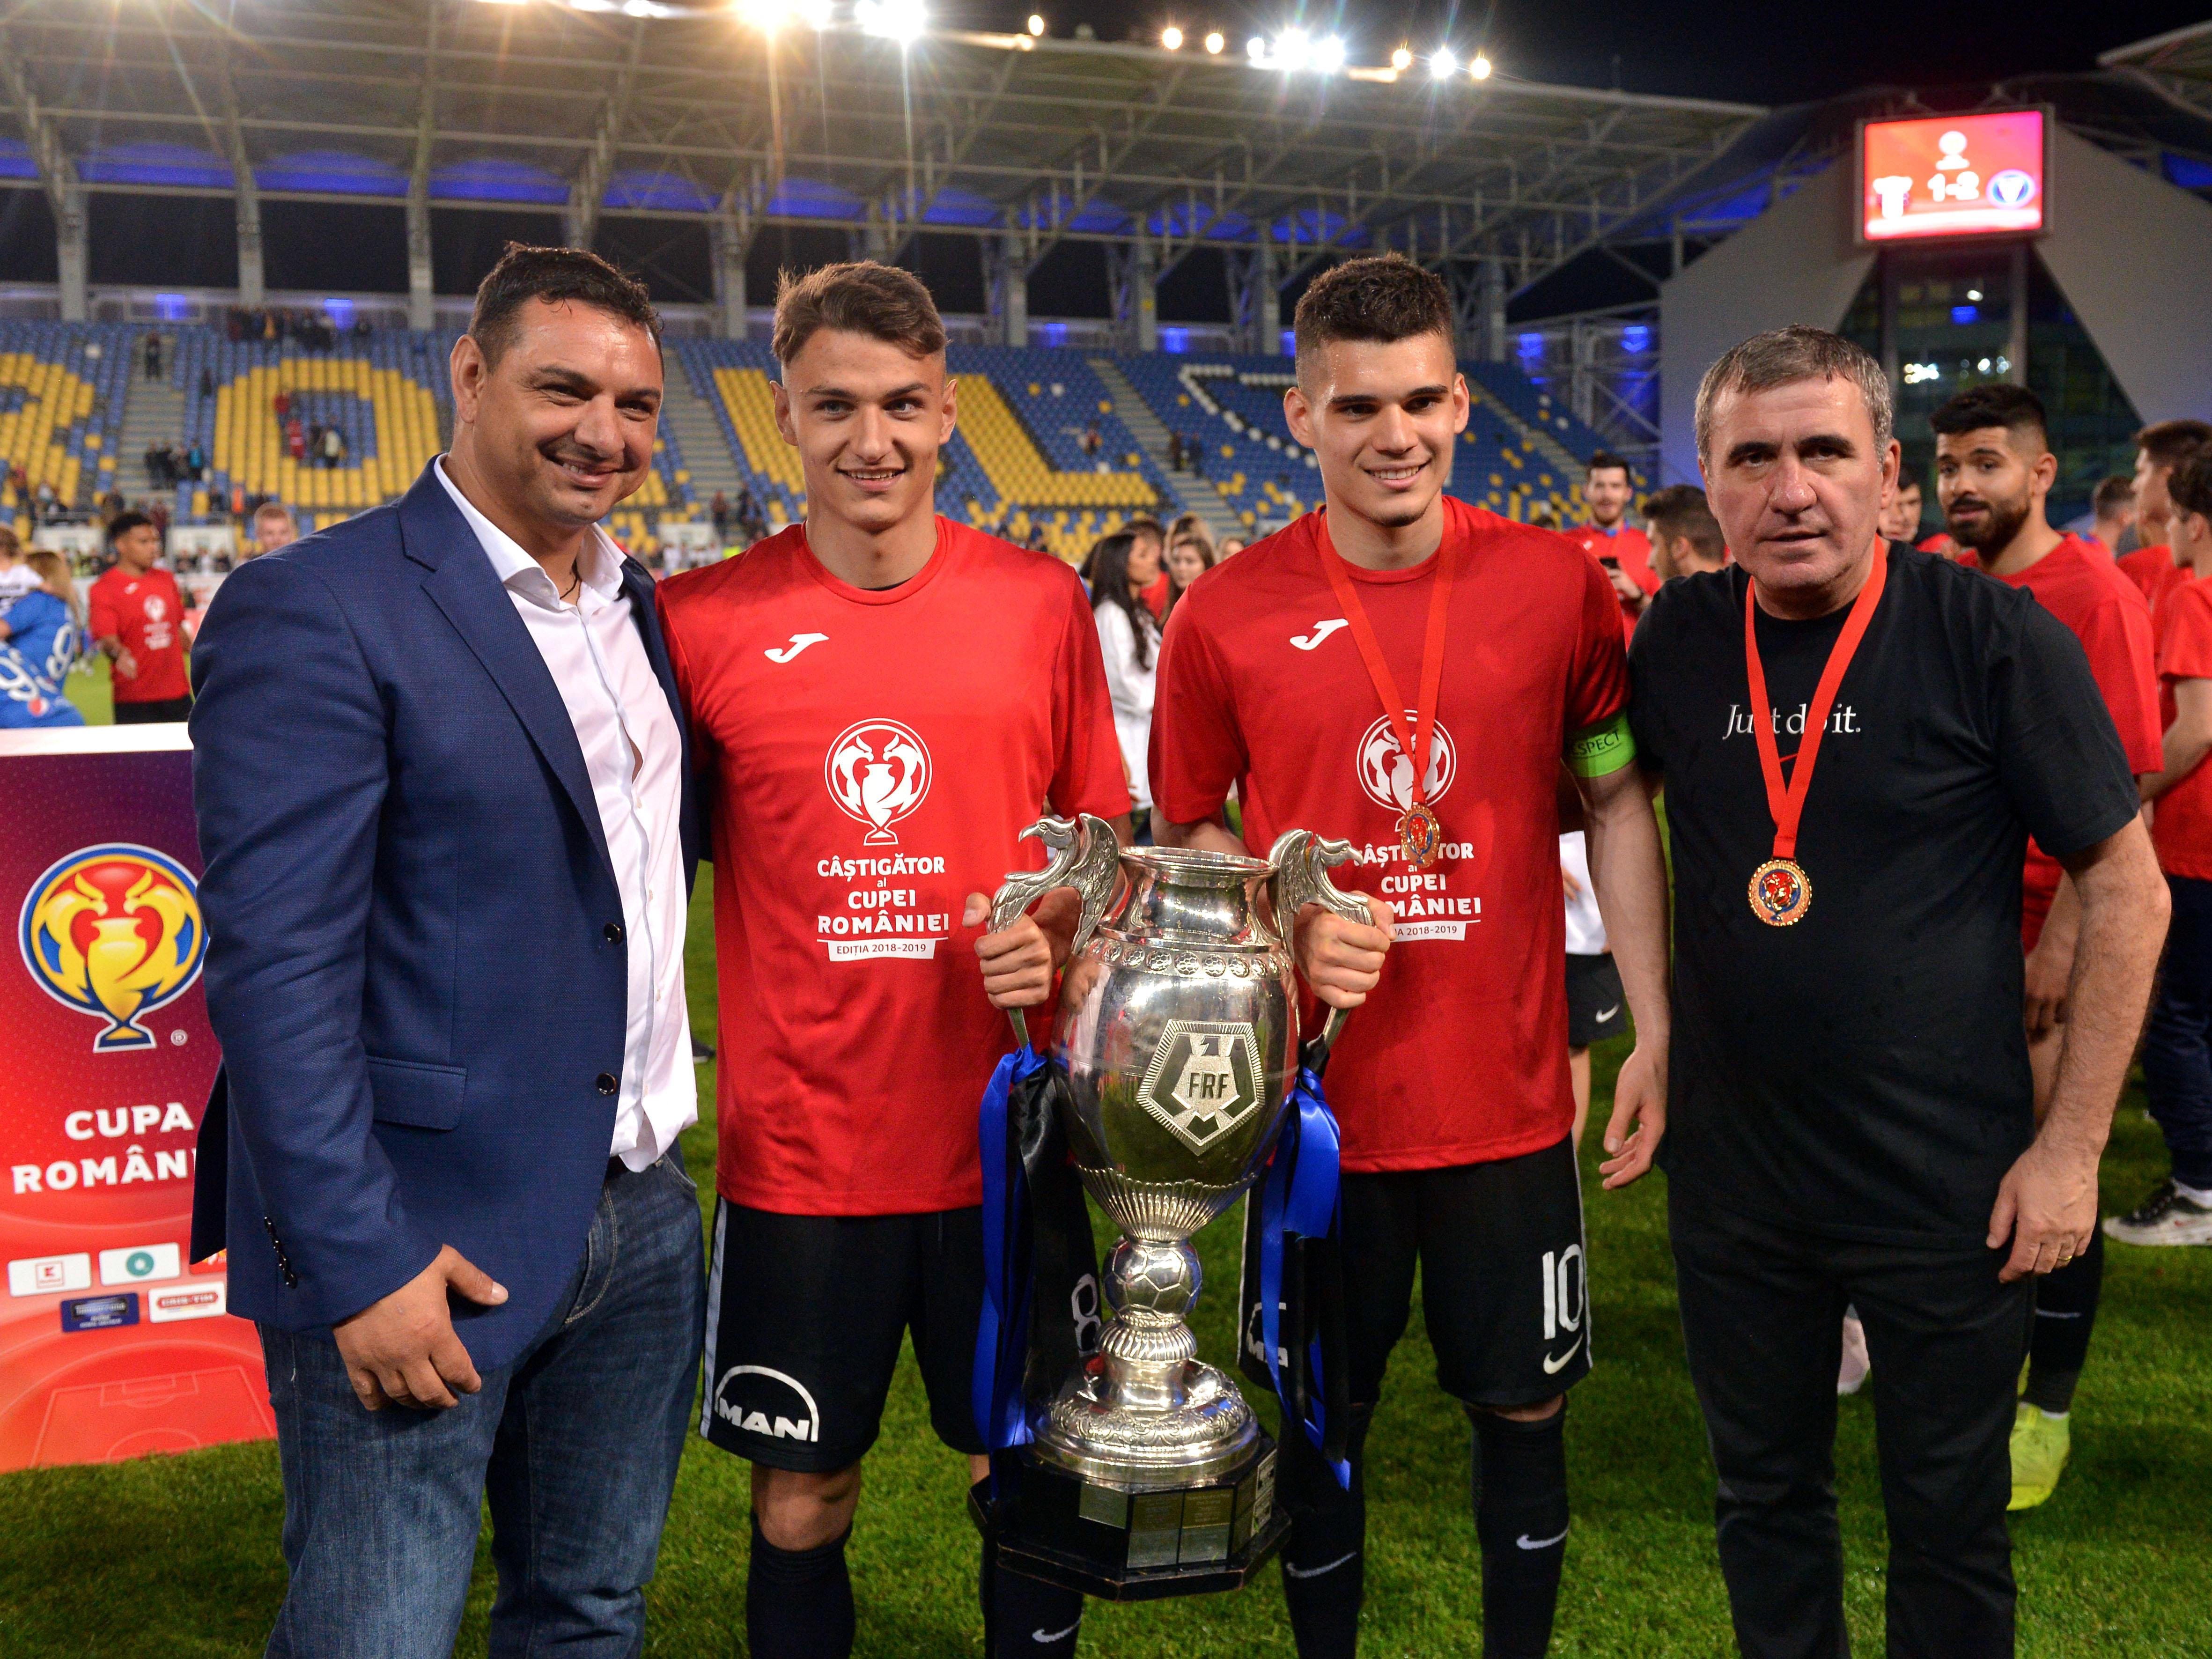 Ionel Ganea, George Ganea, Ianis Hagi și Gică Hagi alături de trofeul câștigat în Cupa României. Sursă foto: sportpictures.eu